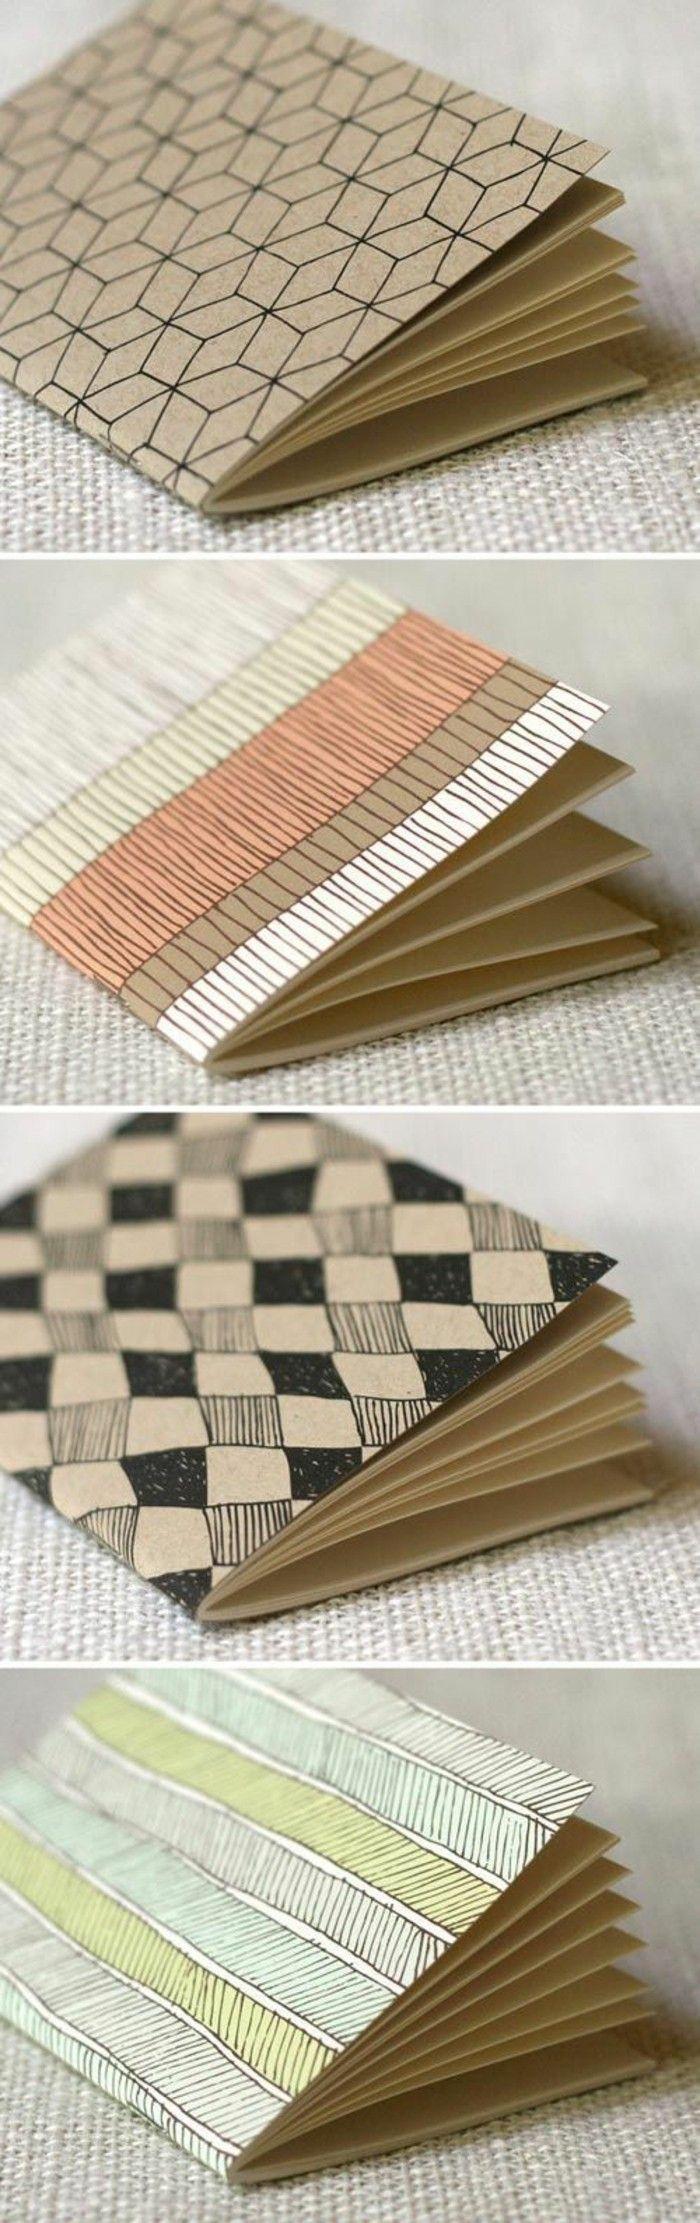 1001 ideen f r buchumschlag selber machen wie ist da m glich diy notebooks pinterest. Black Bedroom Furniture Sets. Home Design Ideas